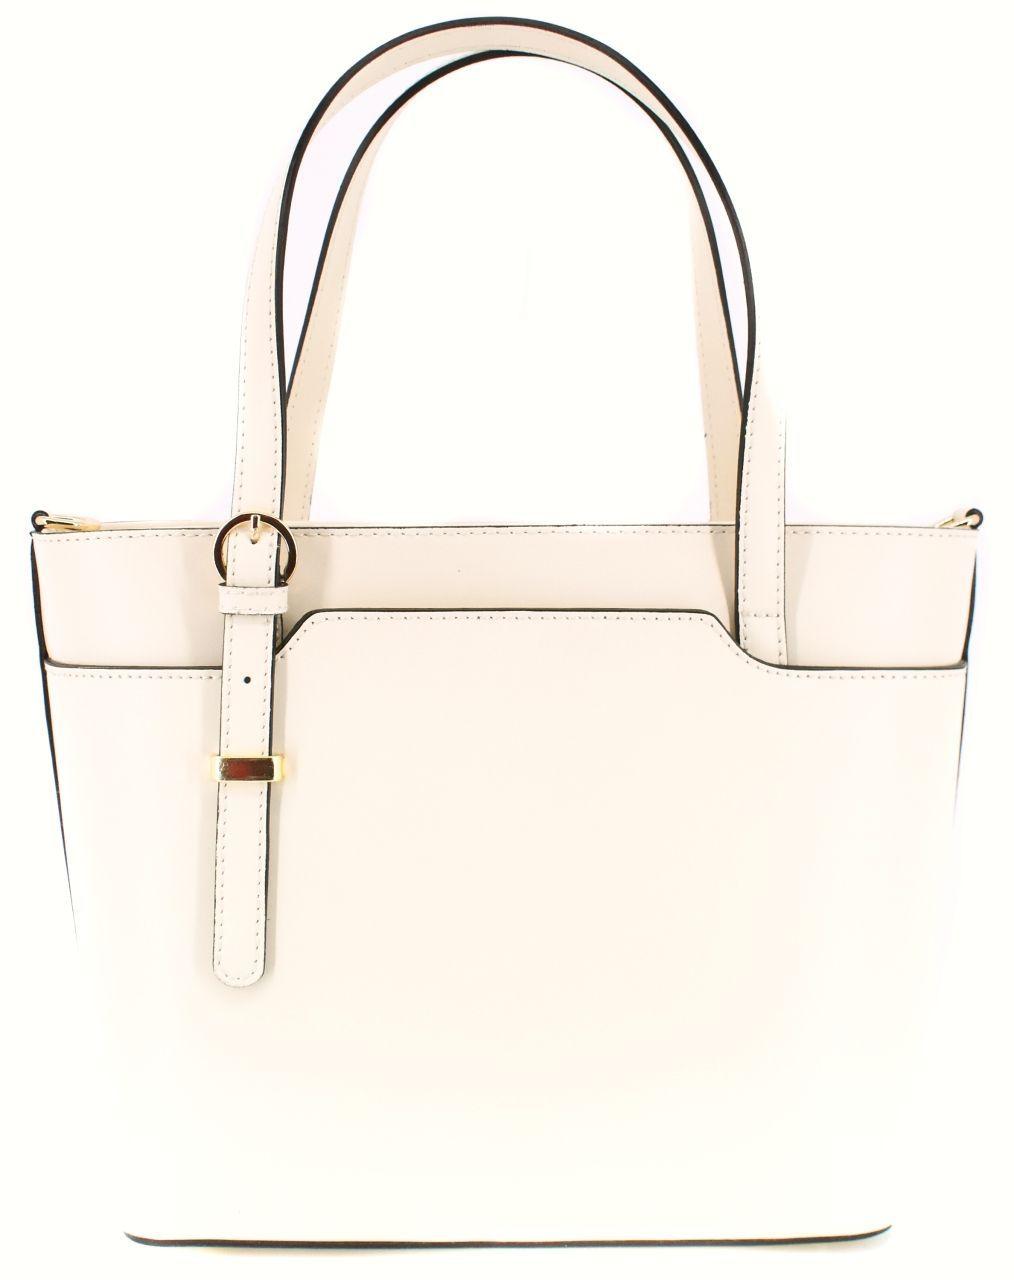 Moderní dámská kožená kabelka Arteddy - krémová 40918